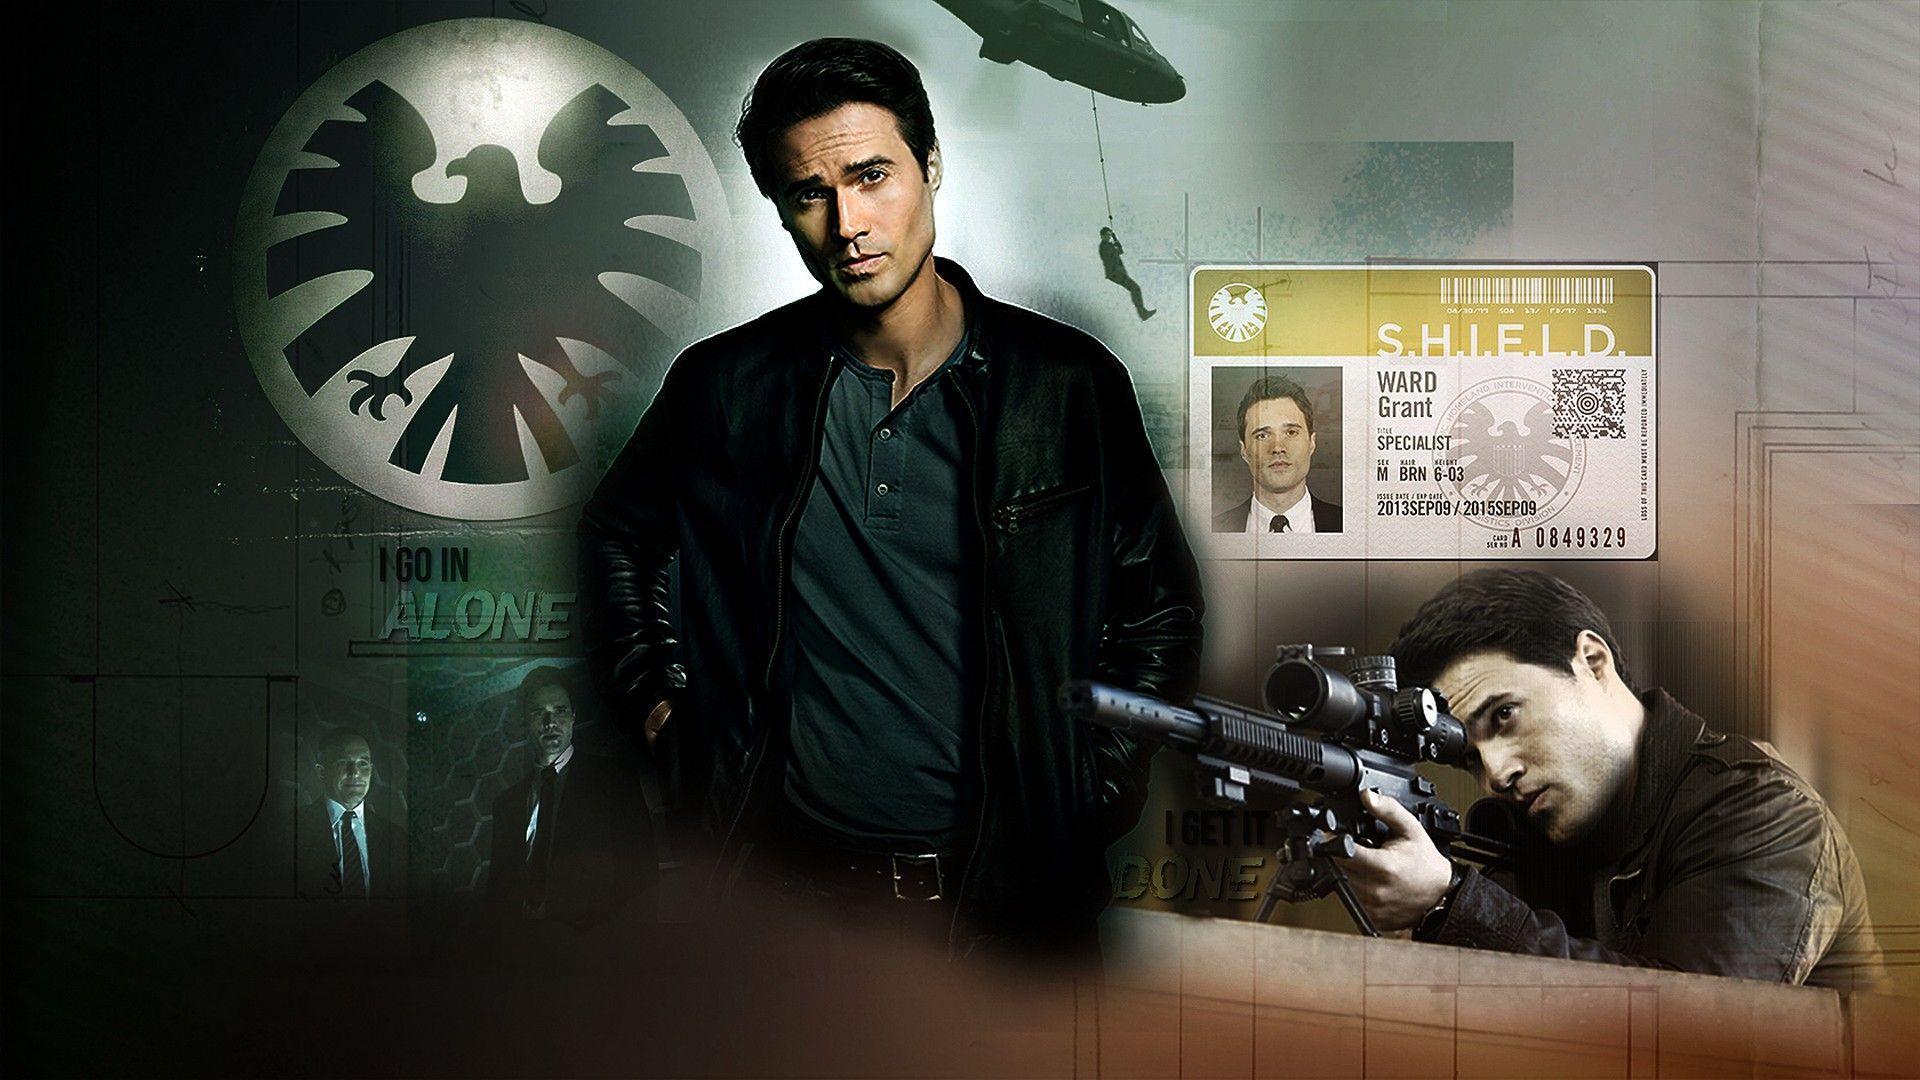 agents of s.h.i.e.l.d. wallpapers - wallpaper cave